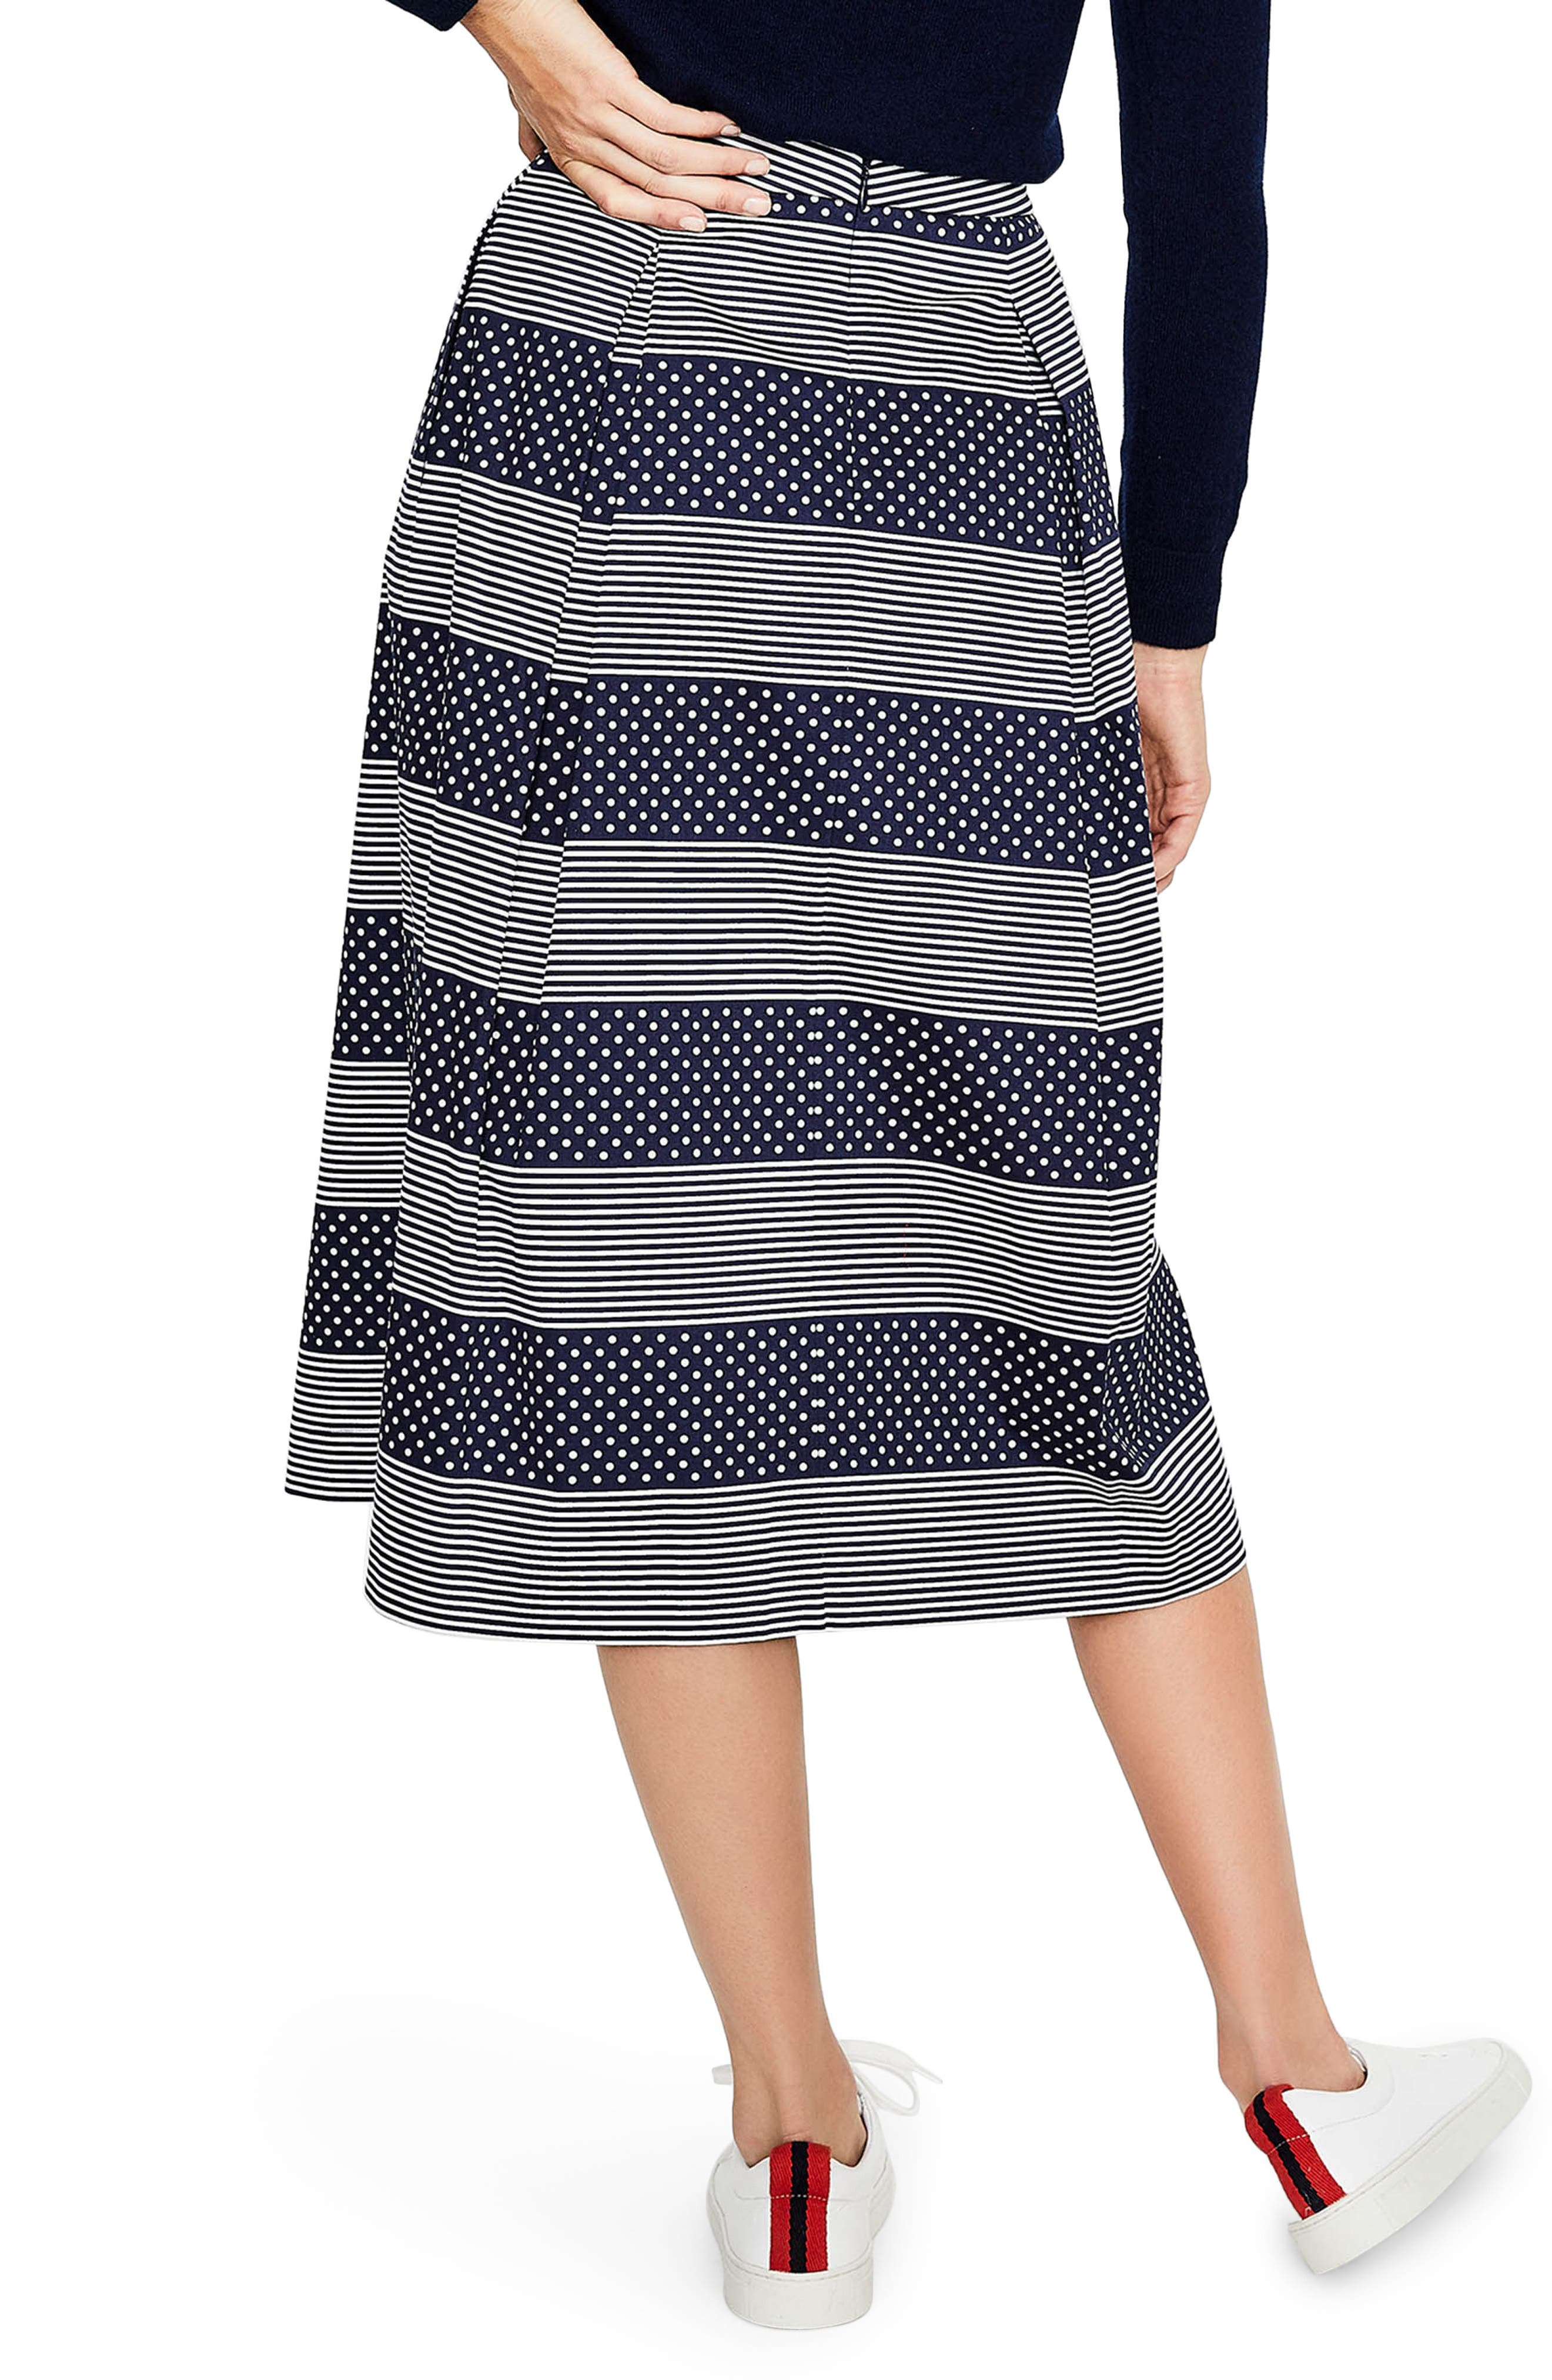 Lola Floral Flared Skirt,                             Alternate thumbnail 2, color,                             Navy/ Spot Stripe